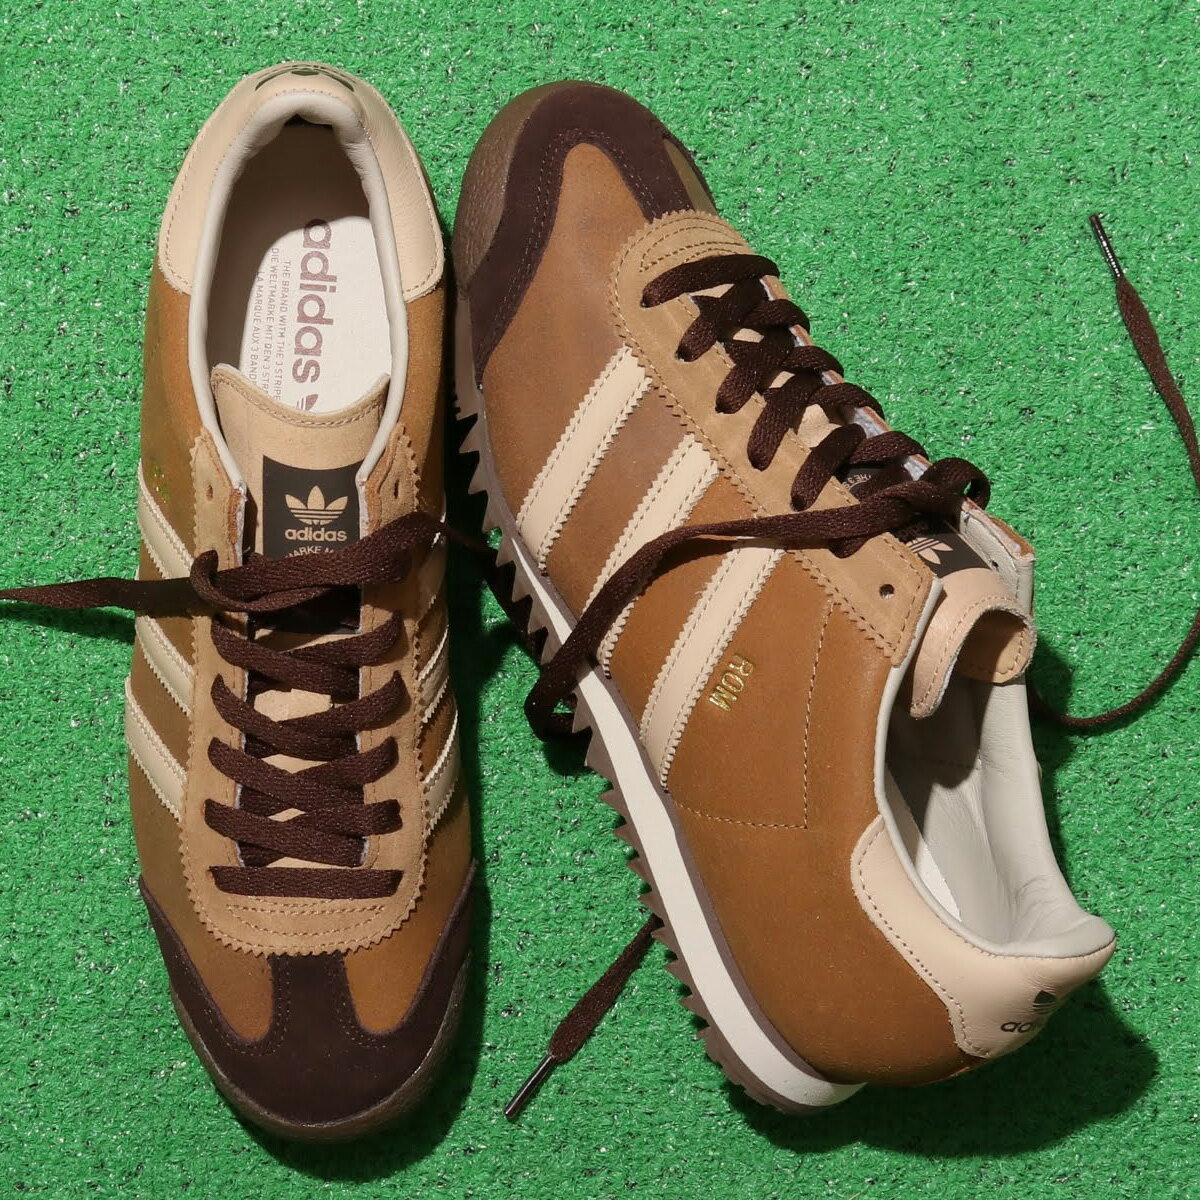 メンズ靴, スニーカー adidas Originals ROM( )LAW DESERTST PALE NUDEBROWN 19FW-I